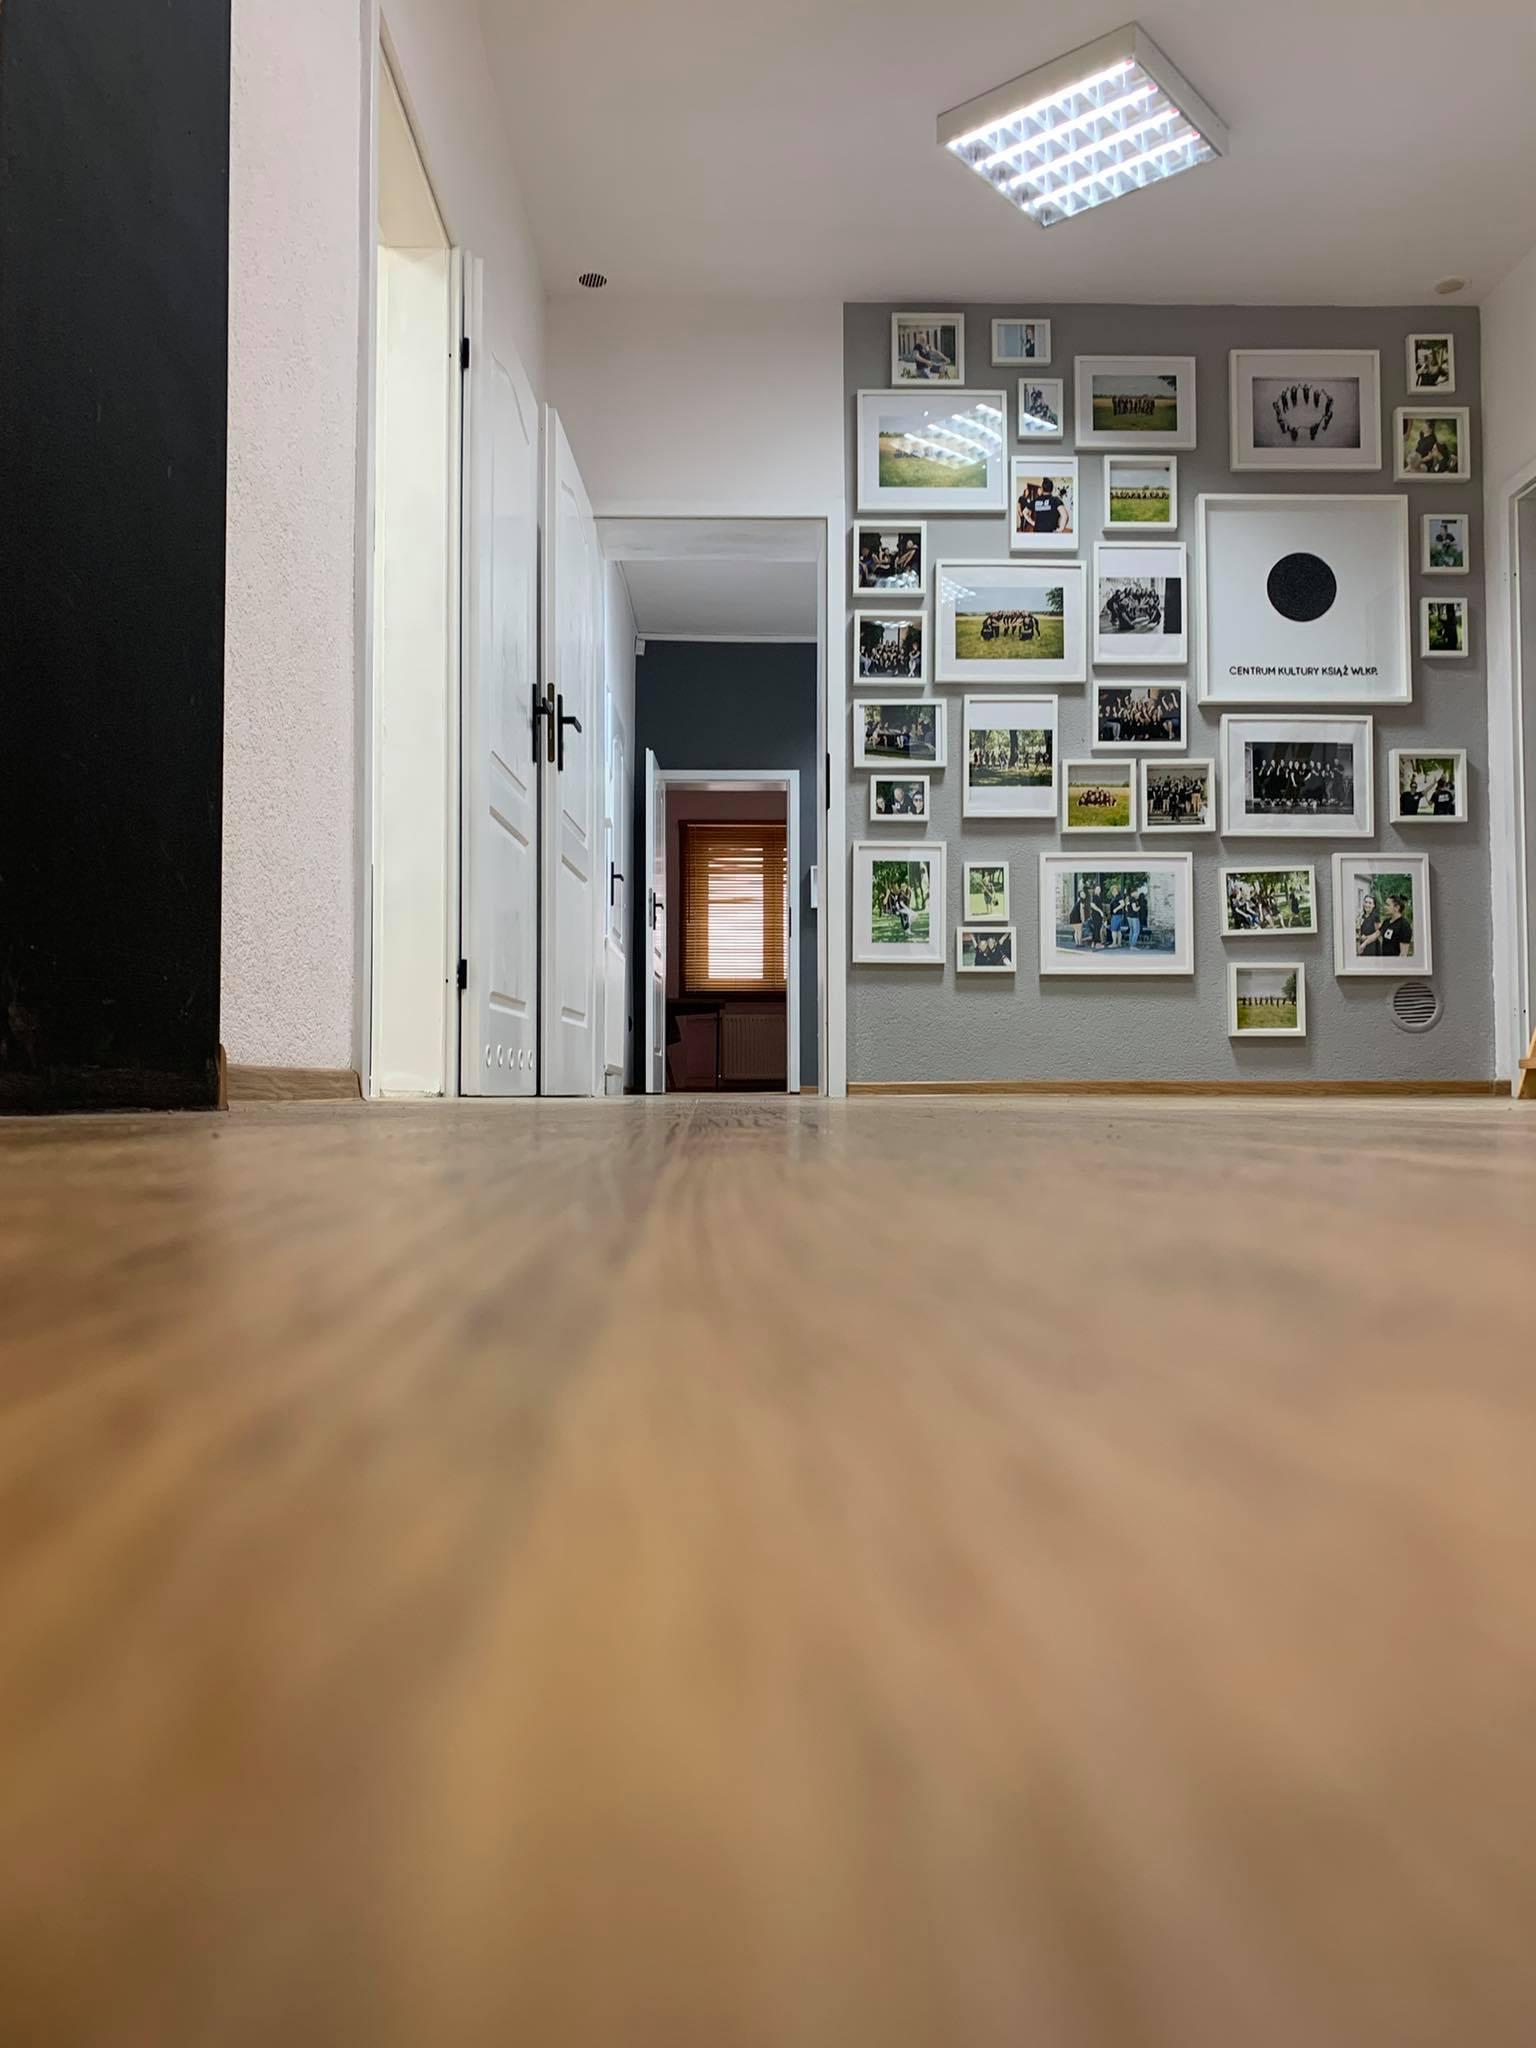 obrazek korytarz i obrazami na ścianie